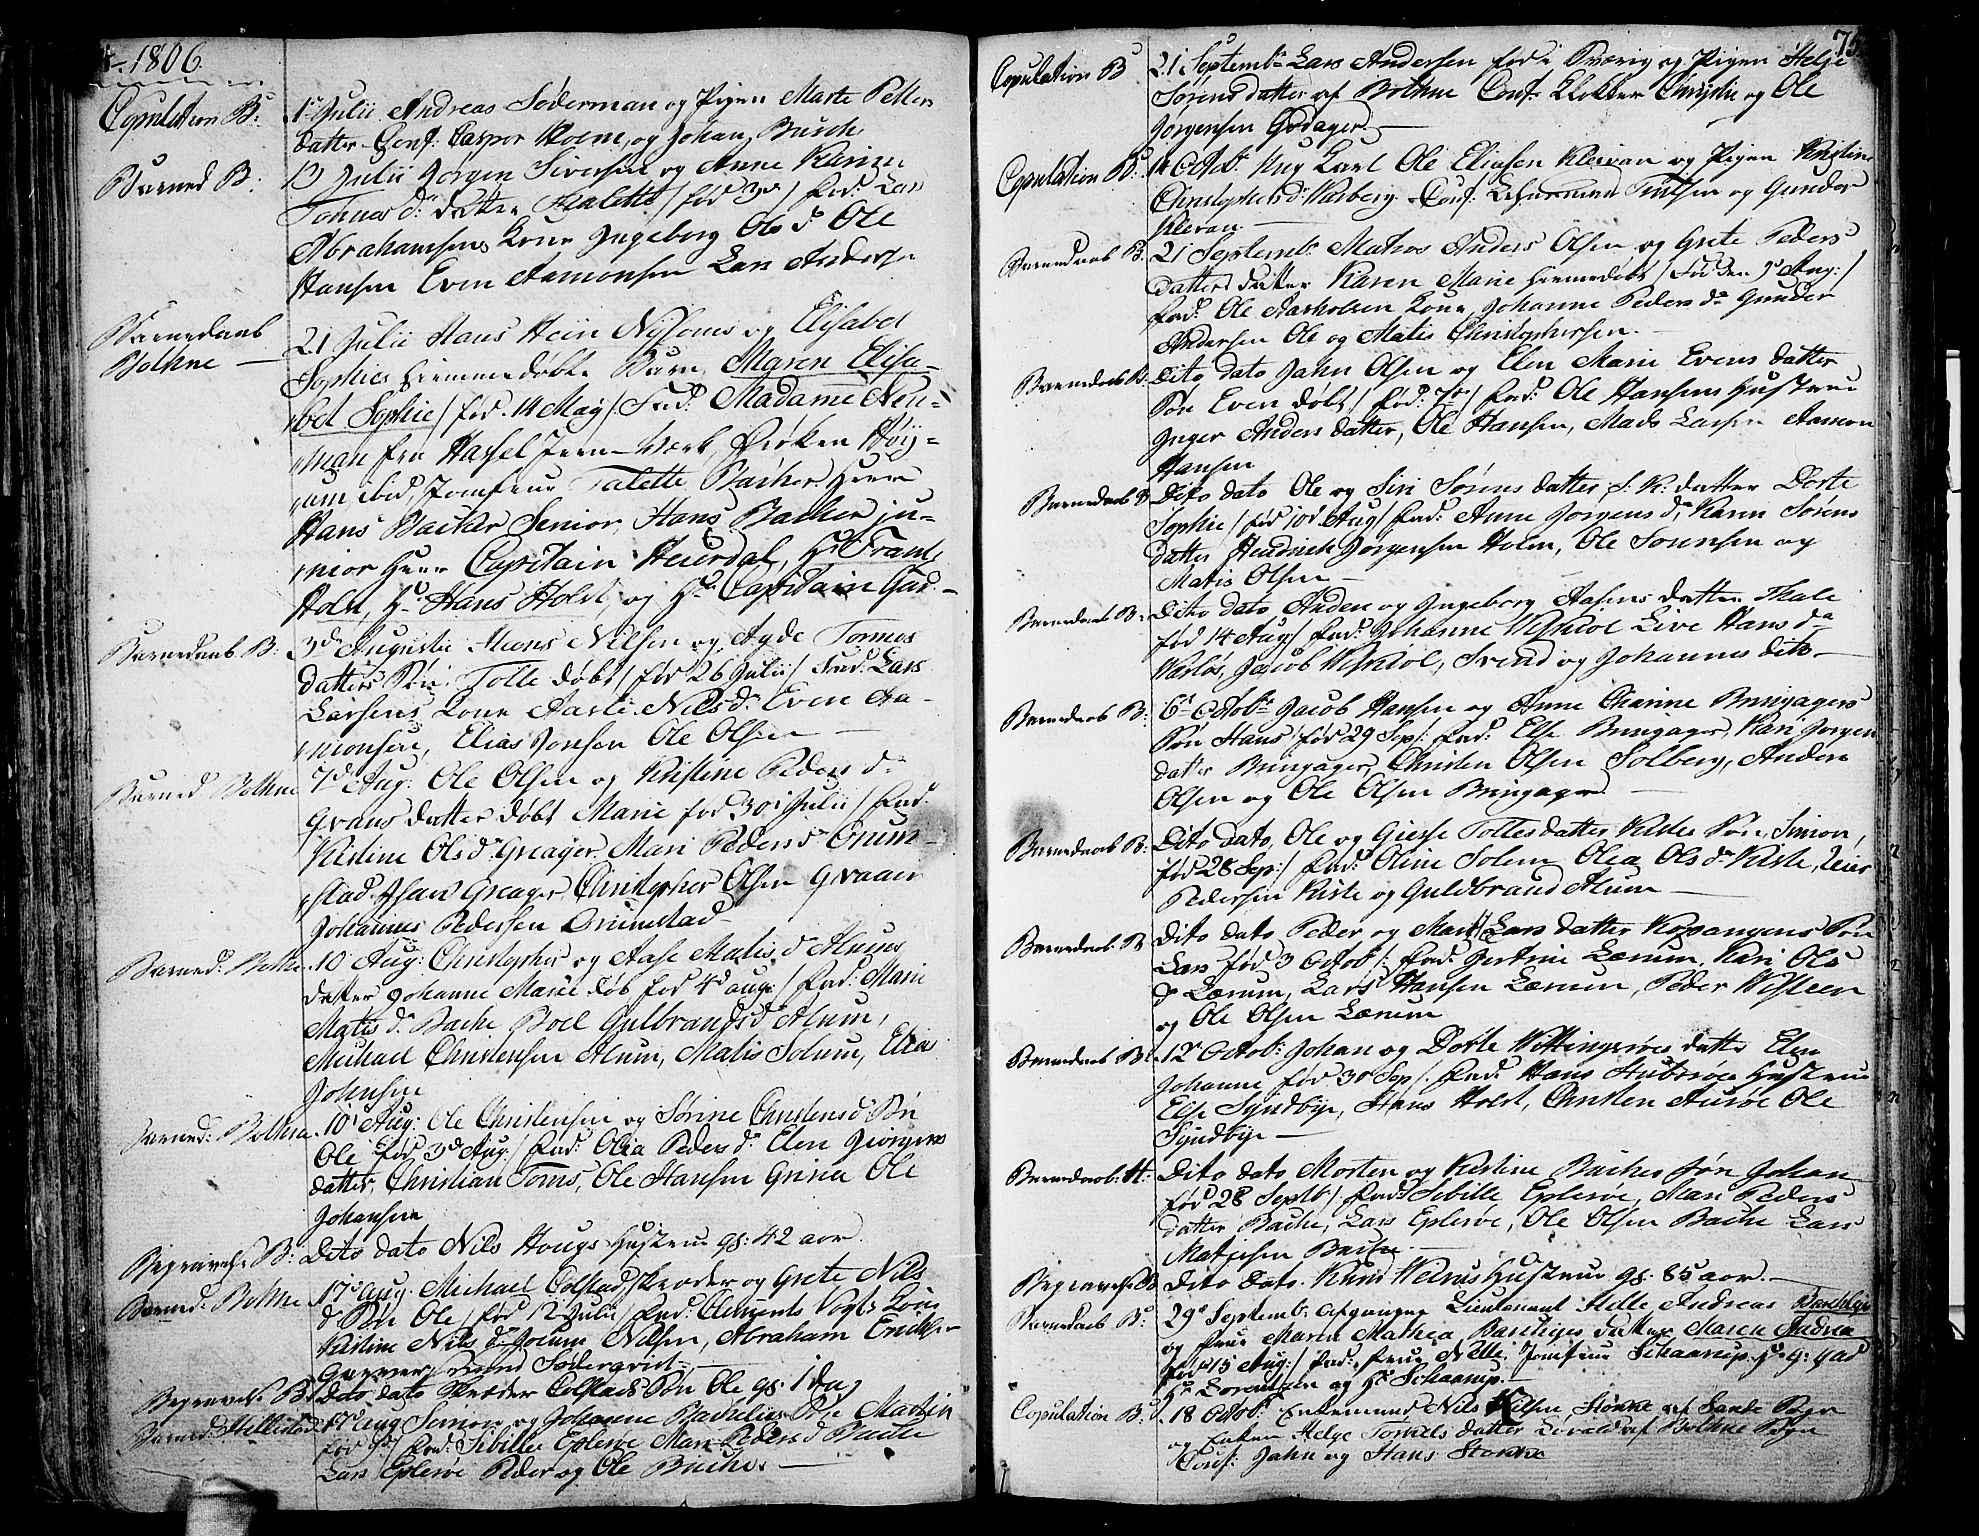 SAKO, Botne kirkebøker, F/Fa/L0003: Ministerialbok nr. I 3 /1, 1792-1844, s. 74-75